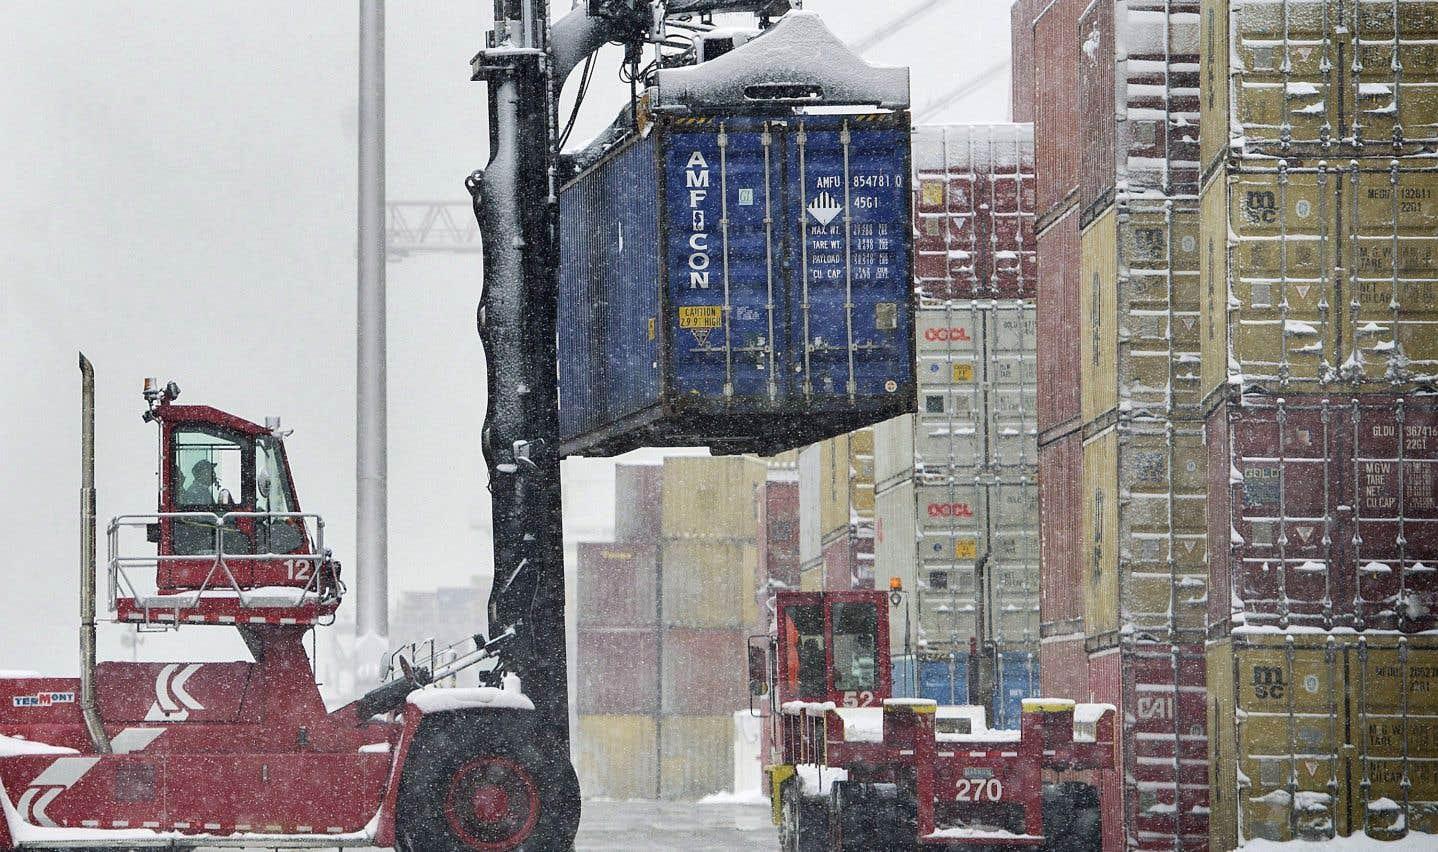 Vers le Japon seulement, on s'attend, d'ici un peu plus de 20ans, à une hausse des exportations de 639millions par an.